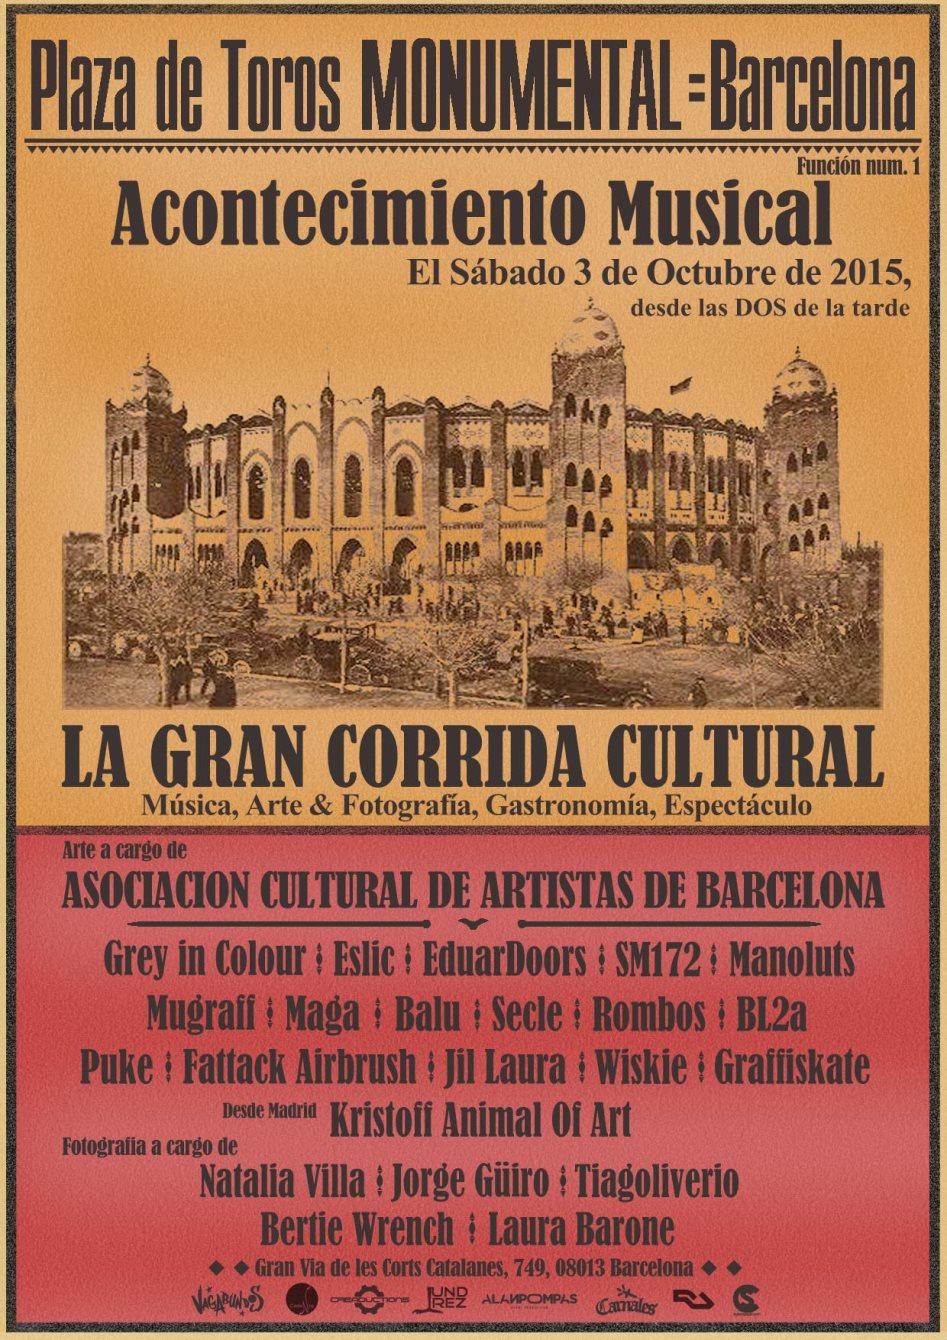 La Gran Corrida Cultural' Feat. Luciano, Audiofly, Cabo San Roque, Dario Rossi, Rossko - Flyer back